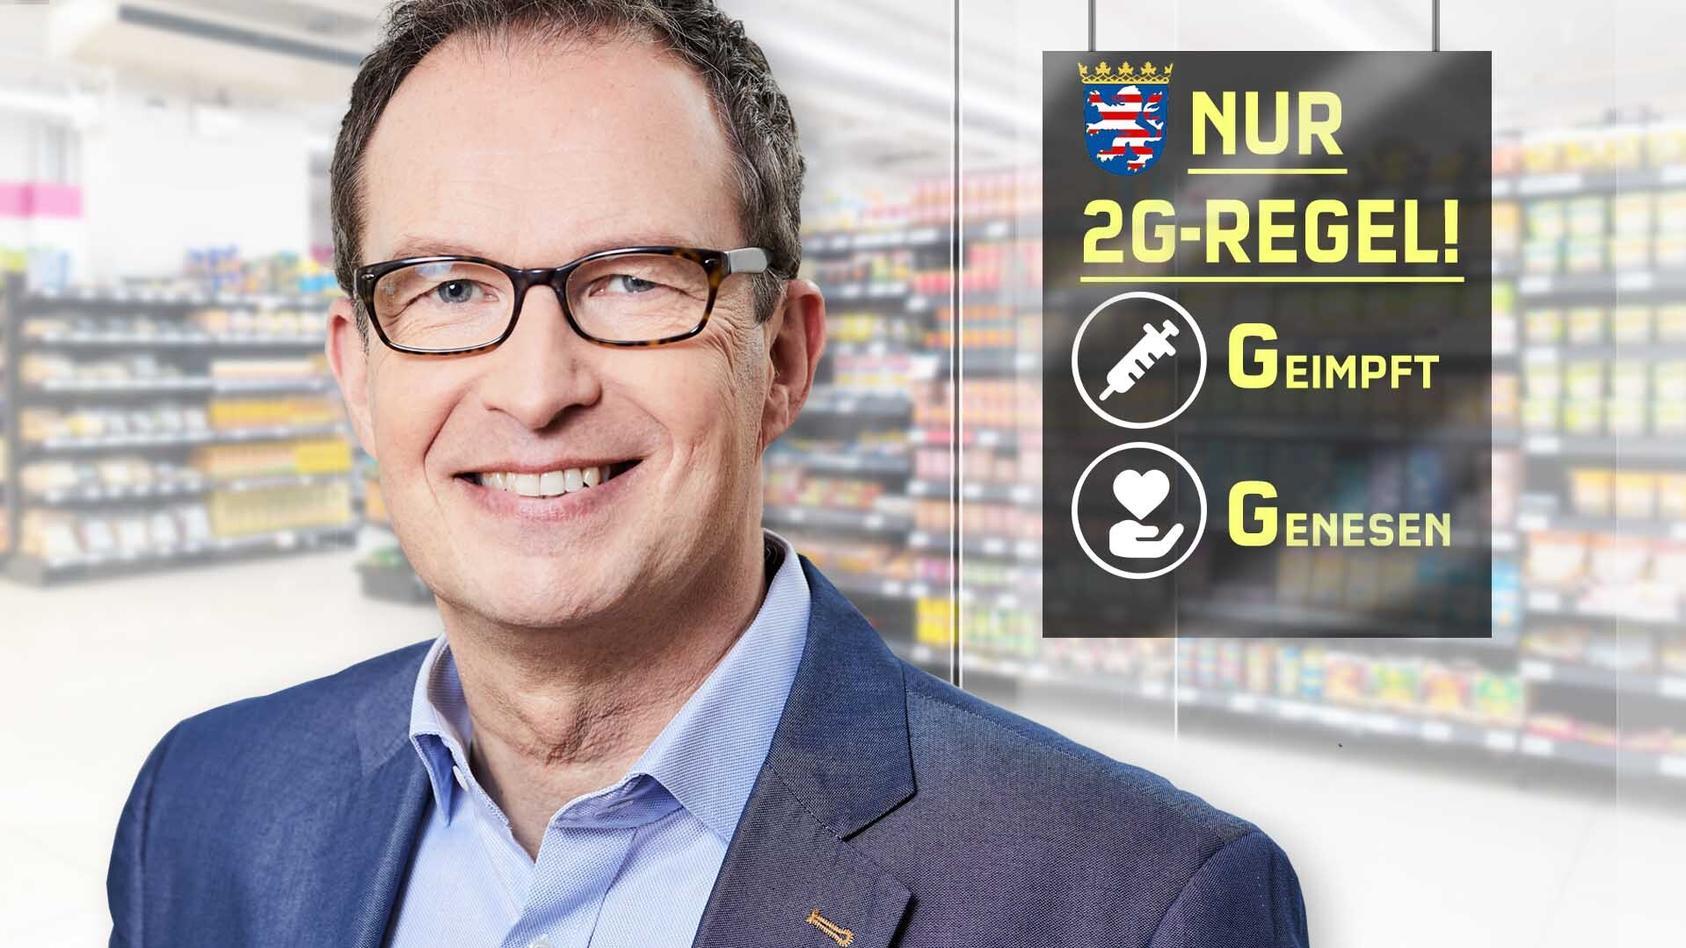 medizinexperte-ordnet-ein-2g-im-supermarkt-macht-das-sinn